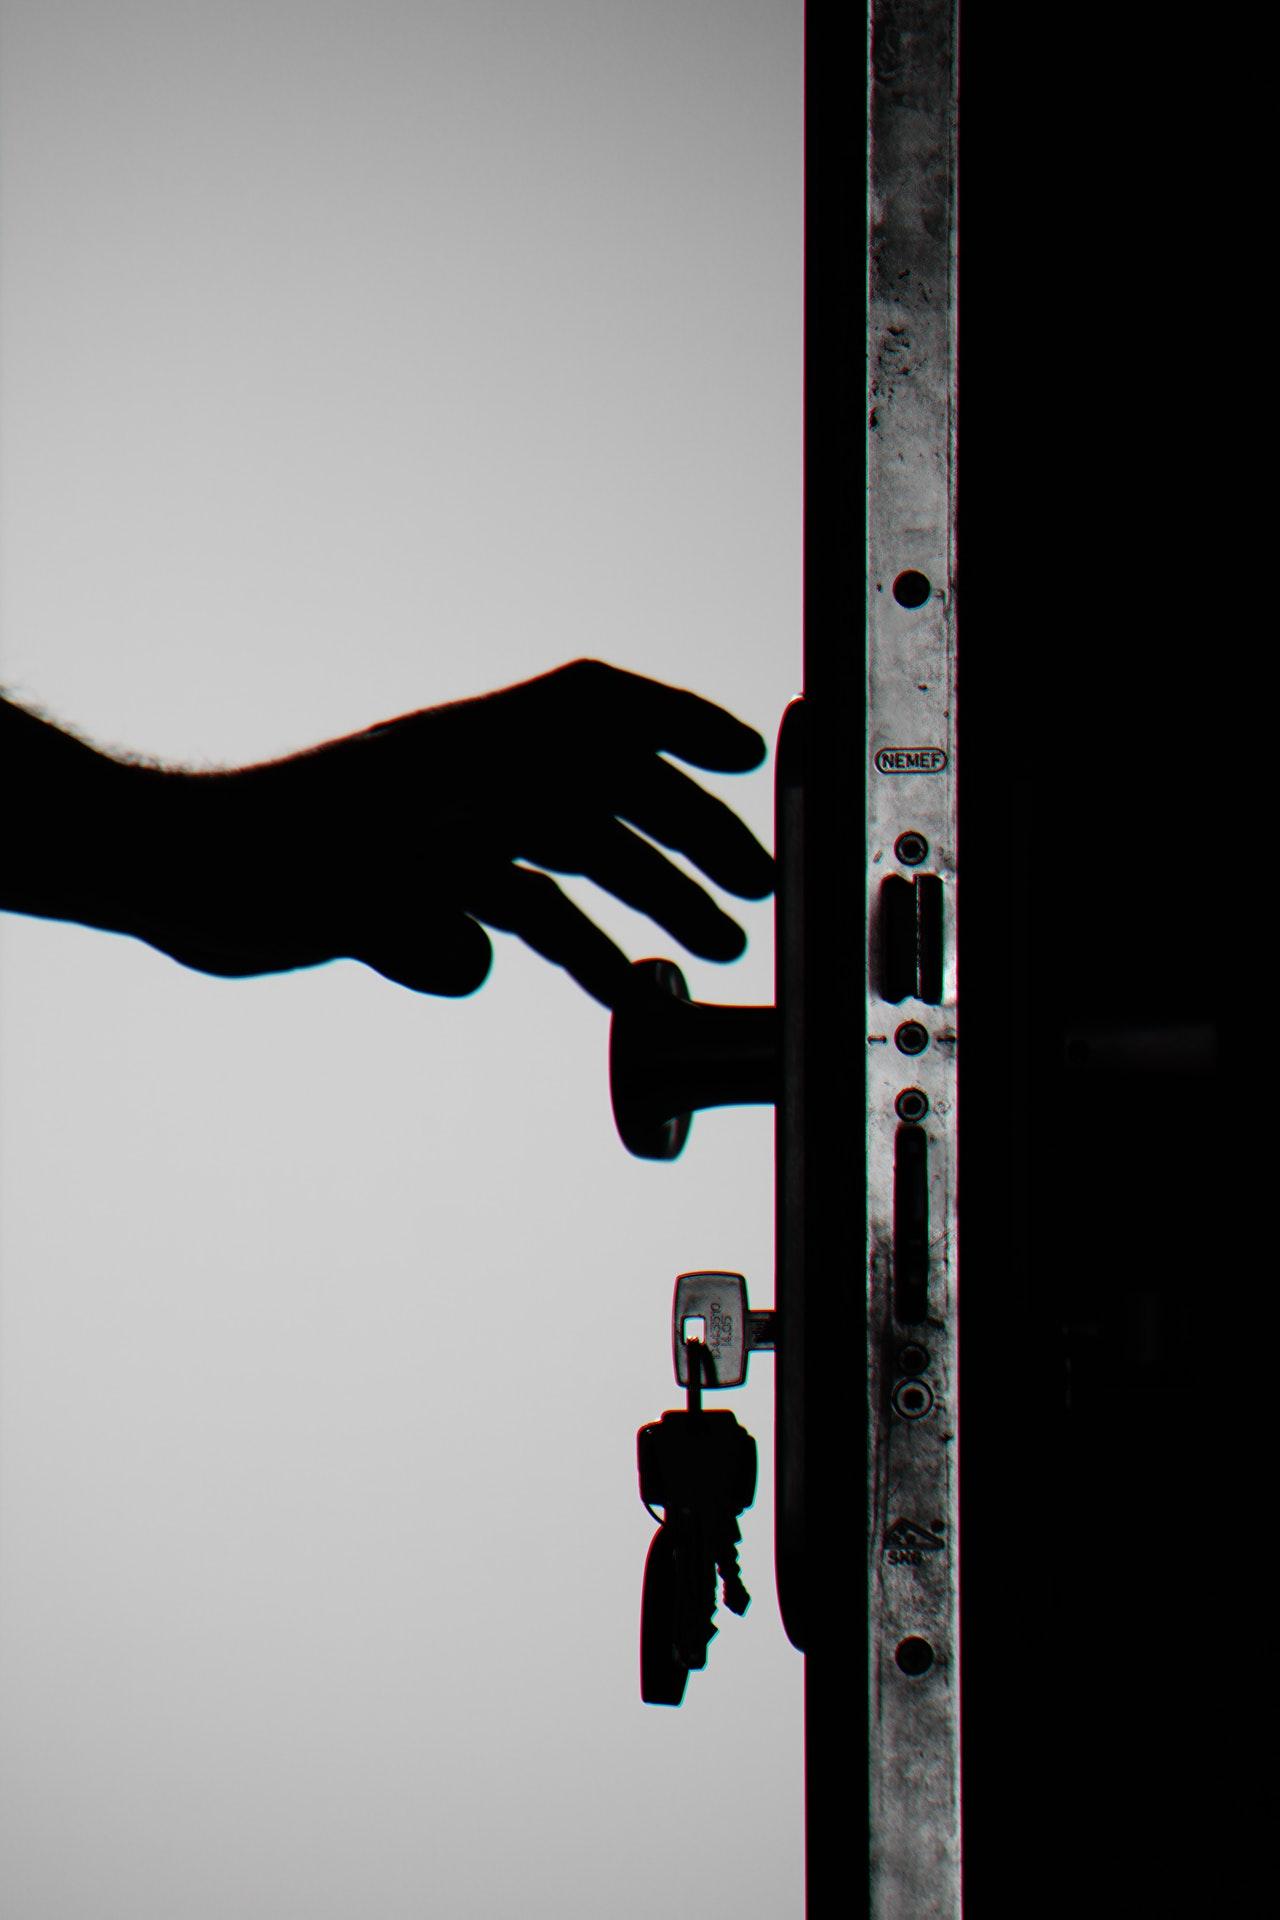 inbraak deur sleutel